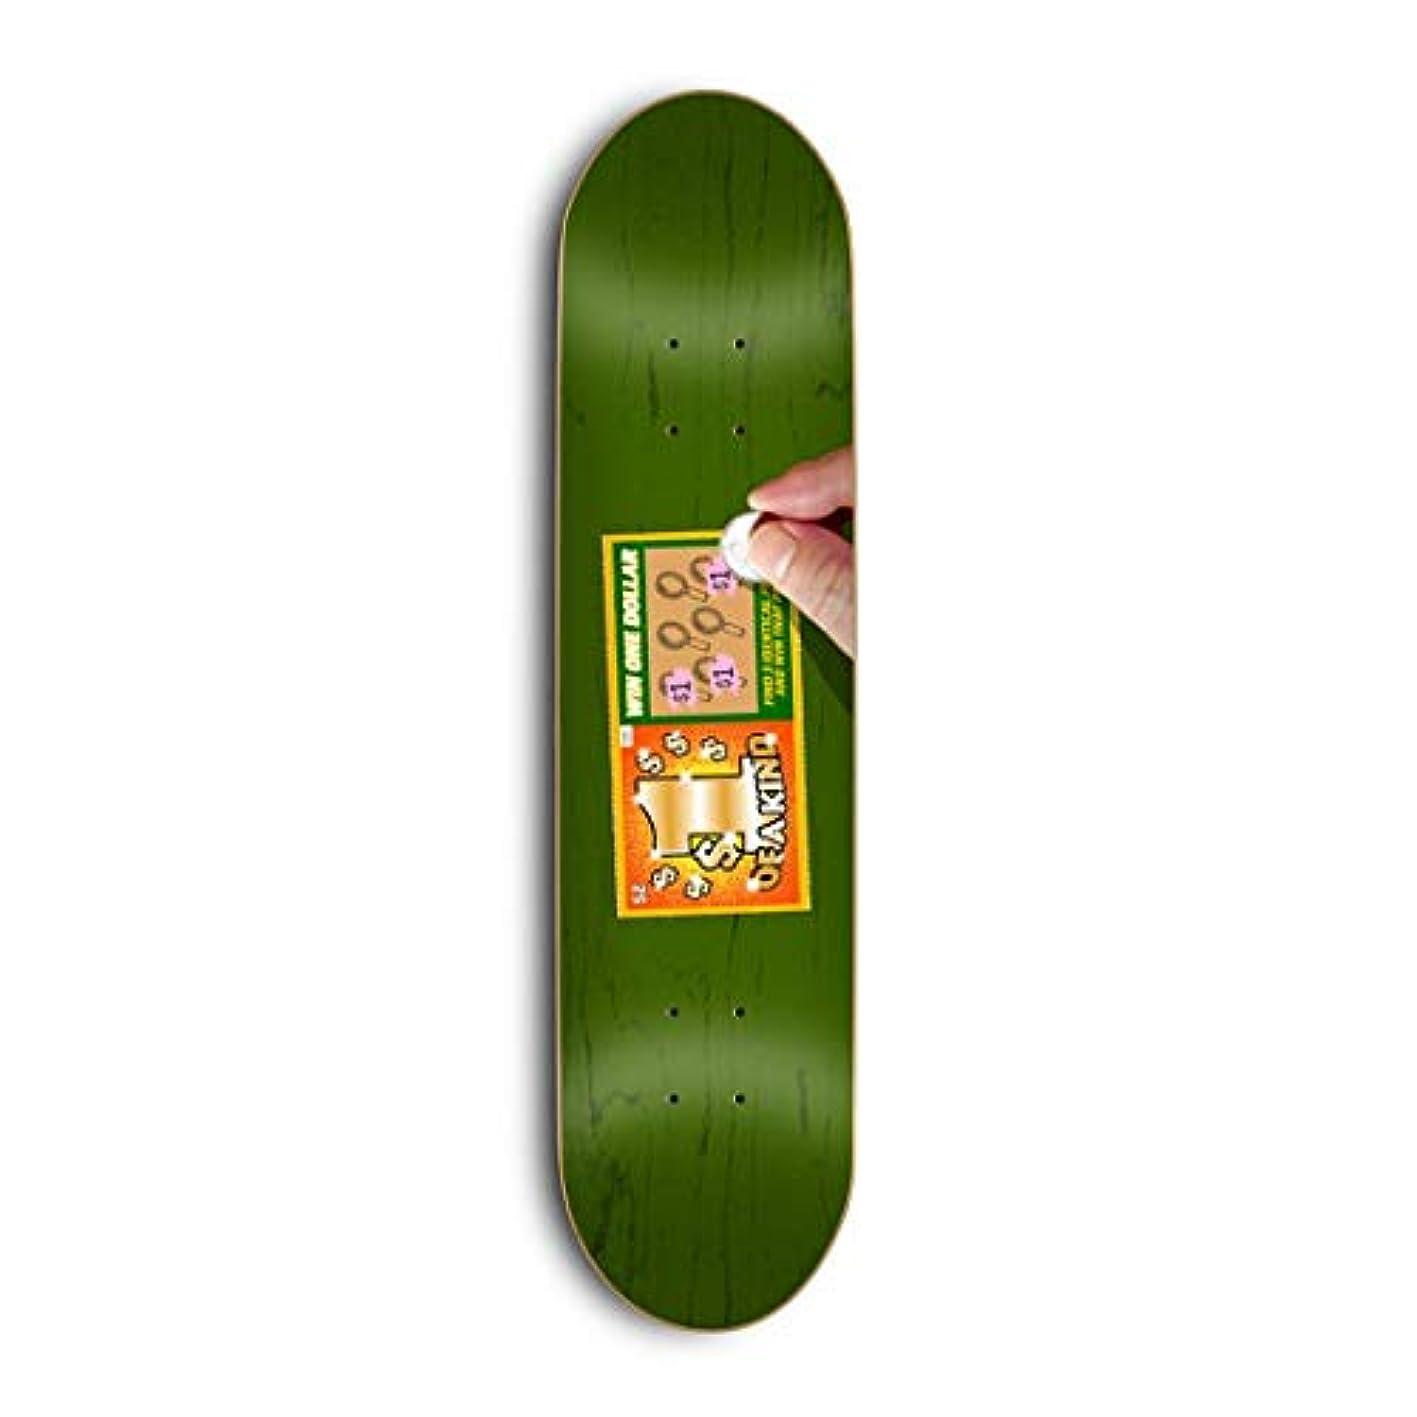 誤解を招く矩形キャンベラSkate Mental スケートボードデッキ Kleppan Scratcher 8.375インチ